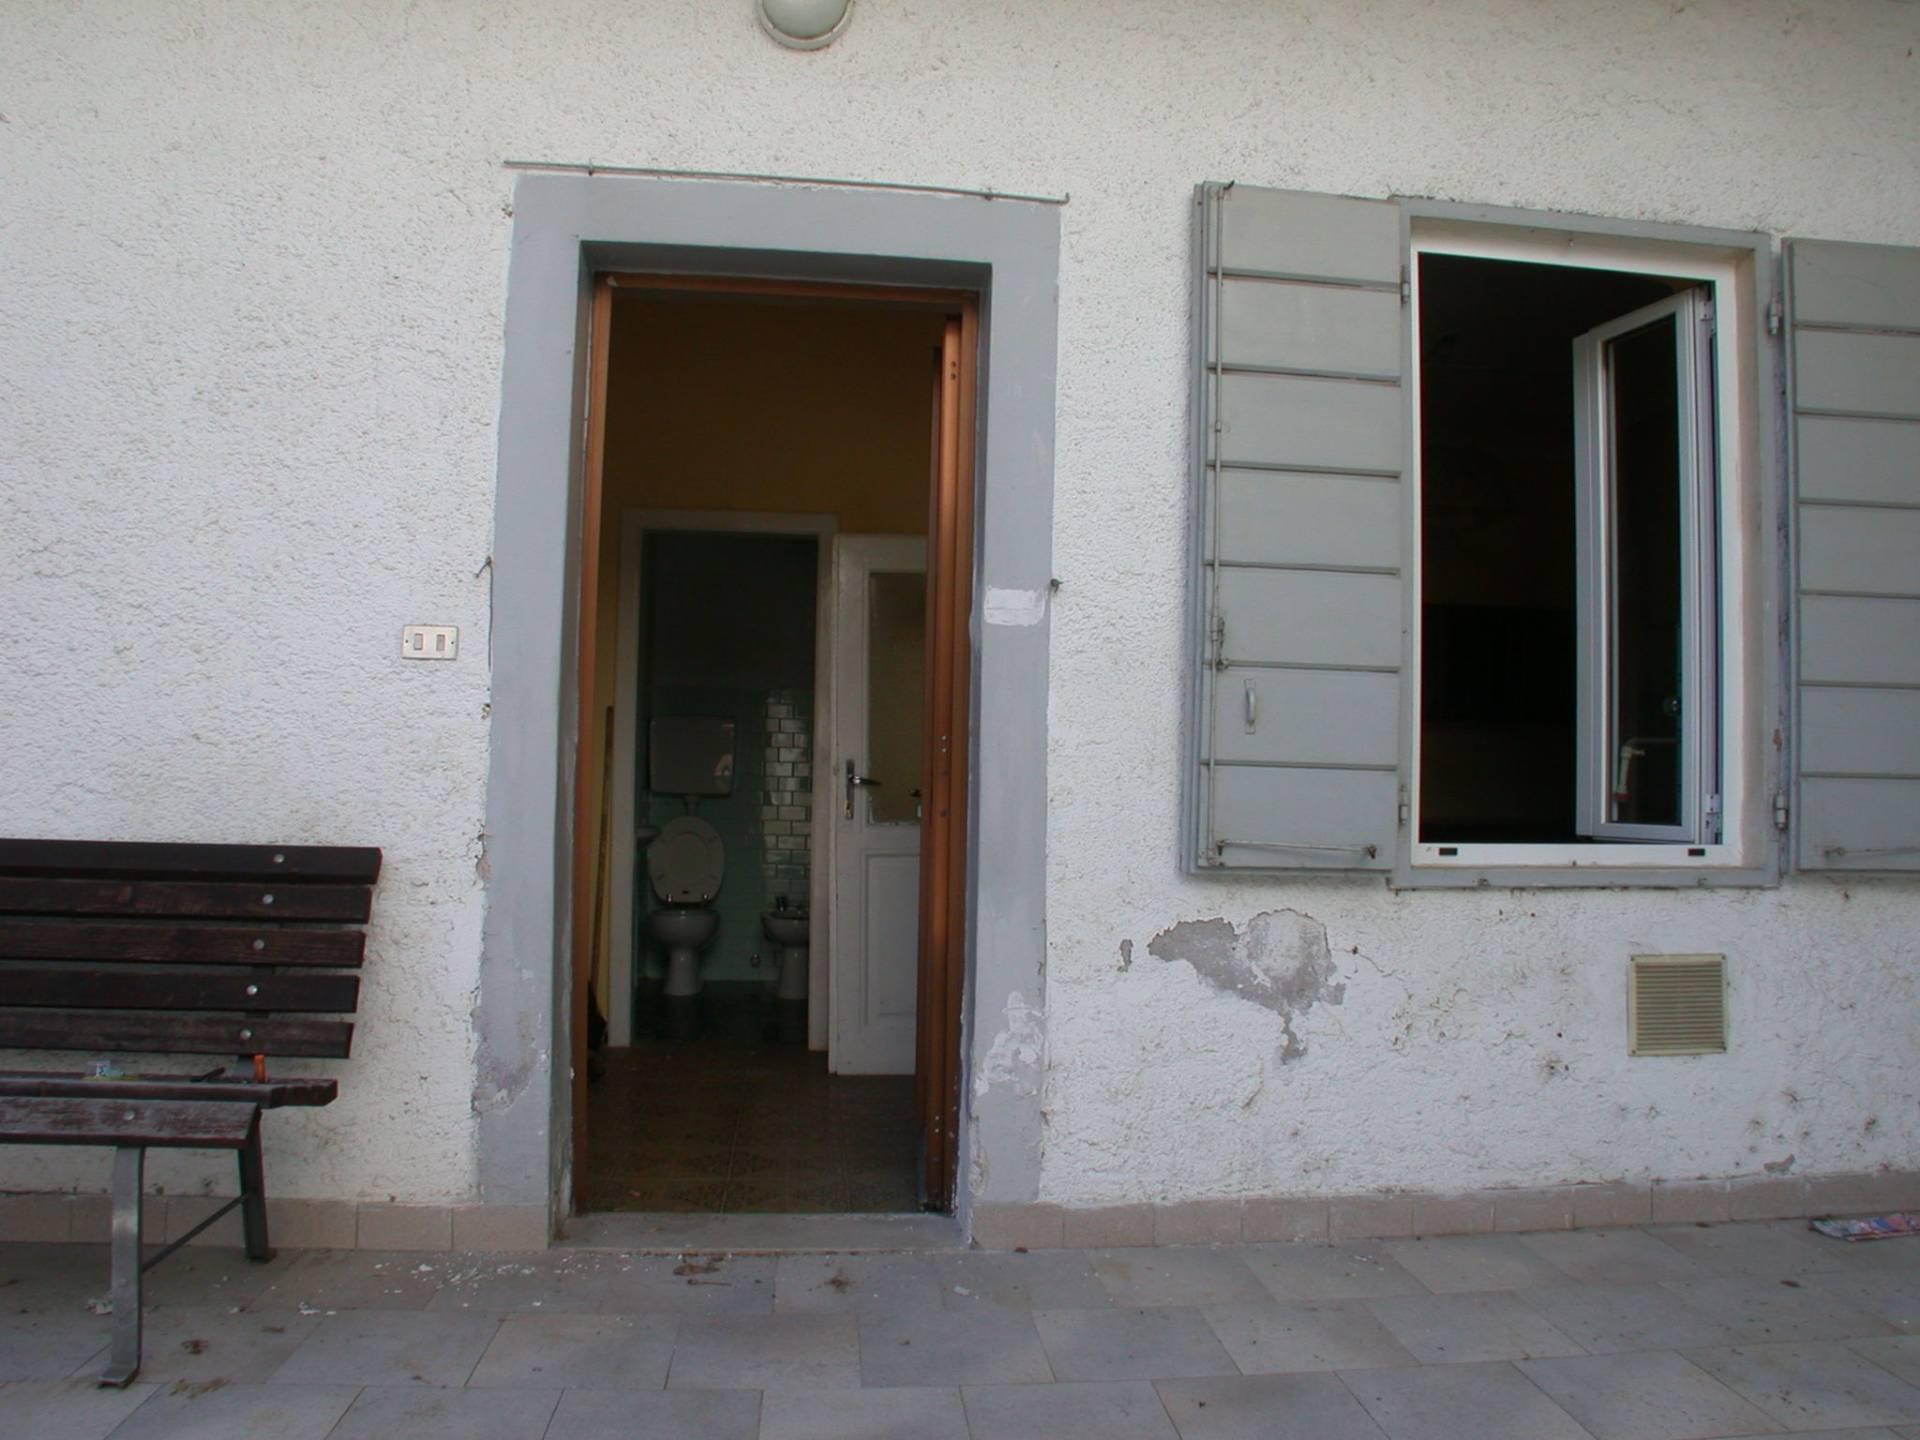 Appartamento in vendita a Gorizia, 3 locali, zona Zona: Lucinico, prezzo € 27.000 | Cambio Casa.it